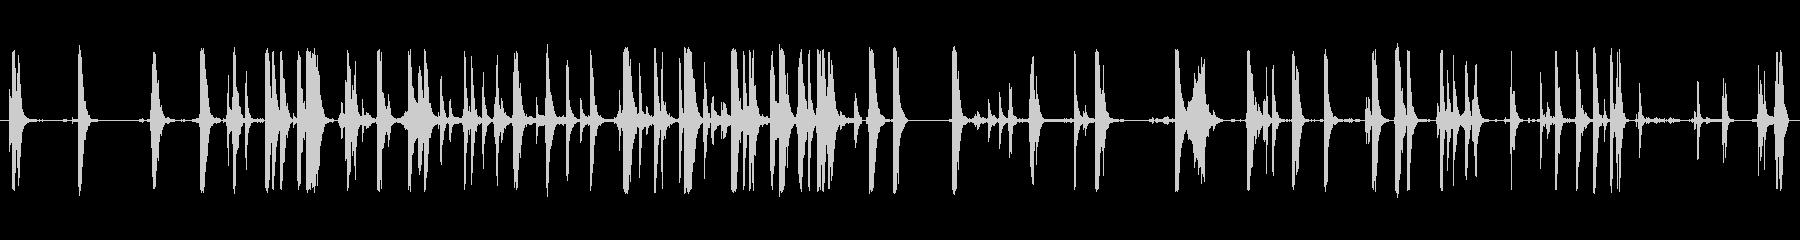 ウッド・オン・メタル、ハード、ボデ...の未再生の波形